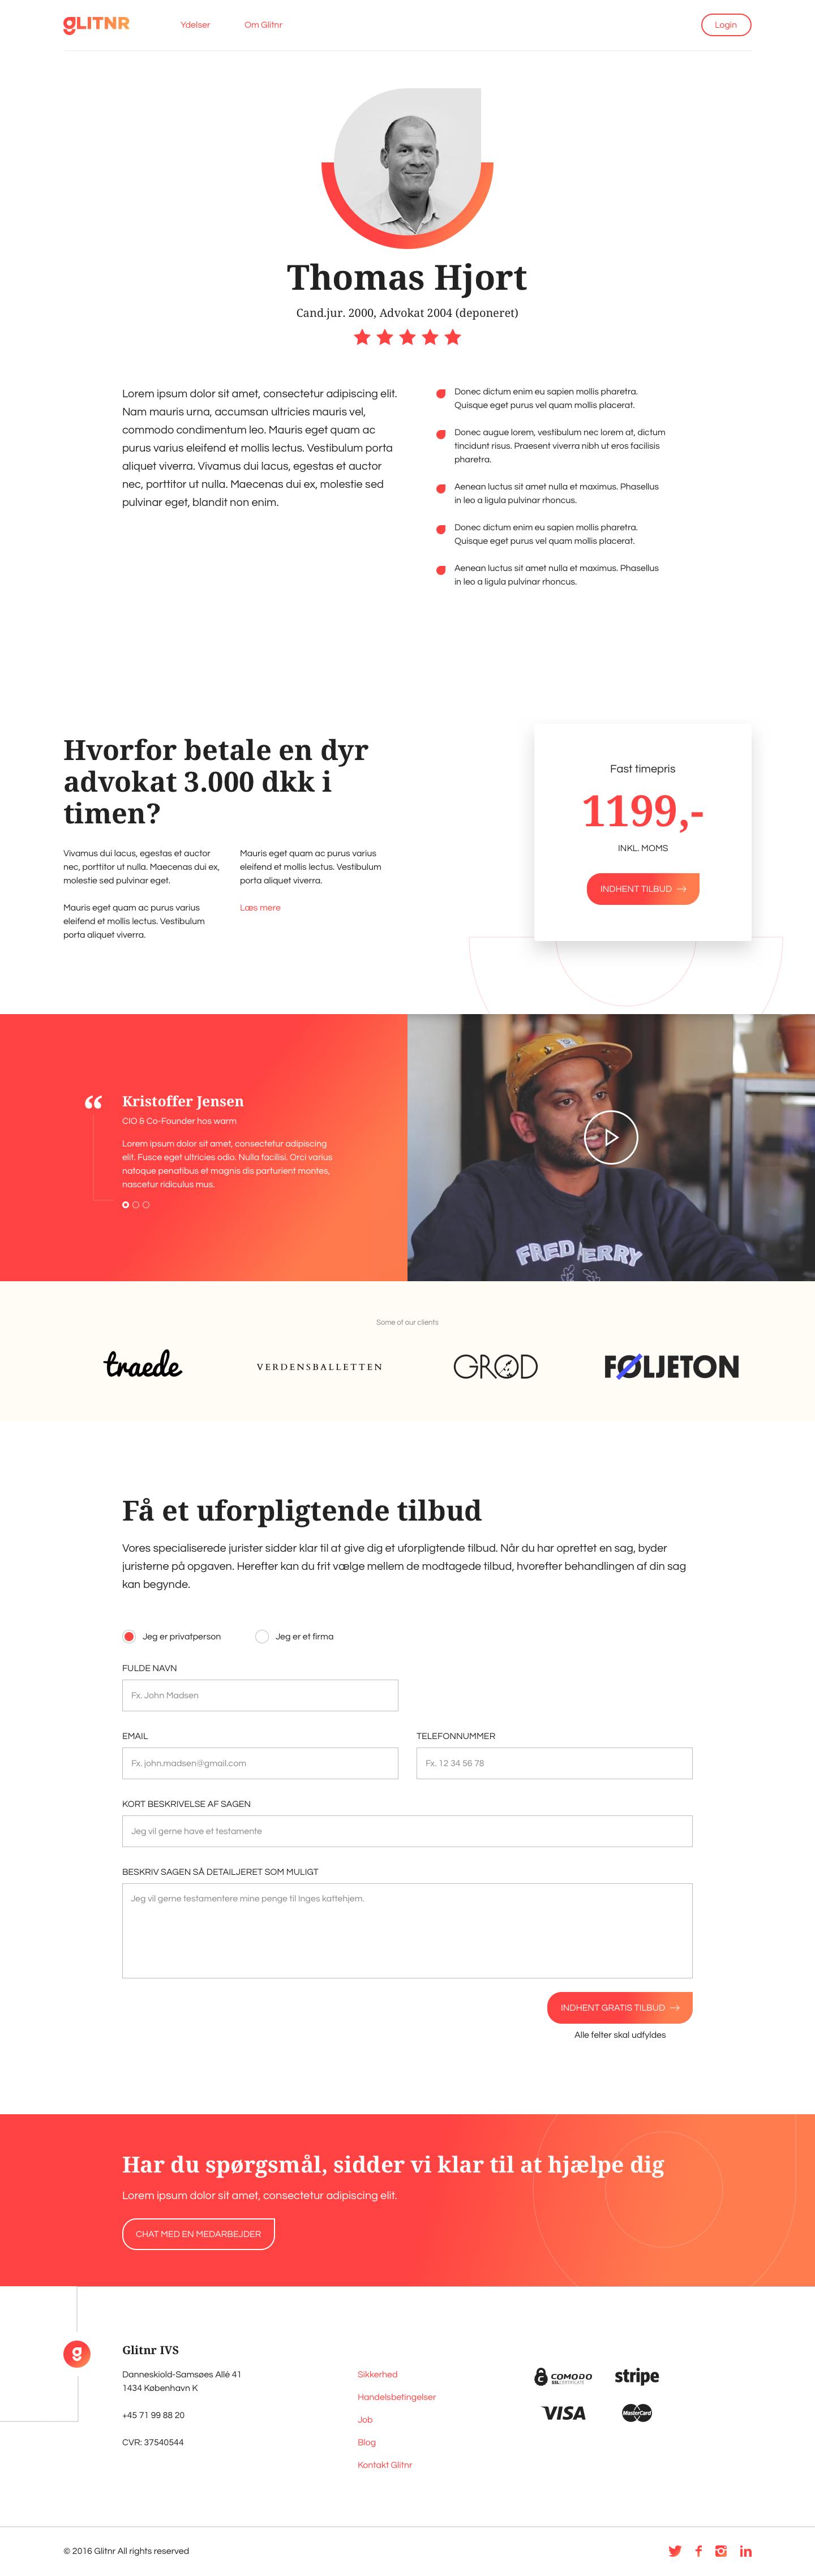 Glitnr profile